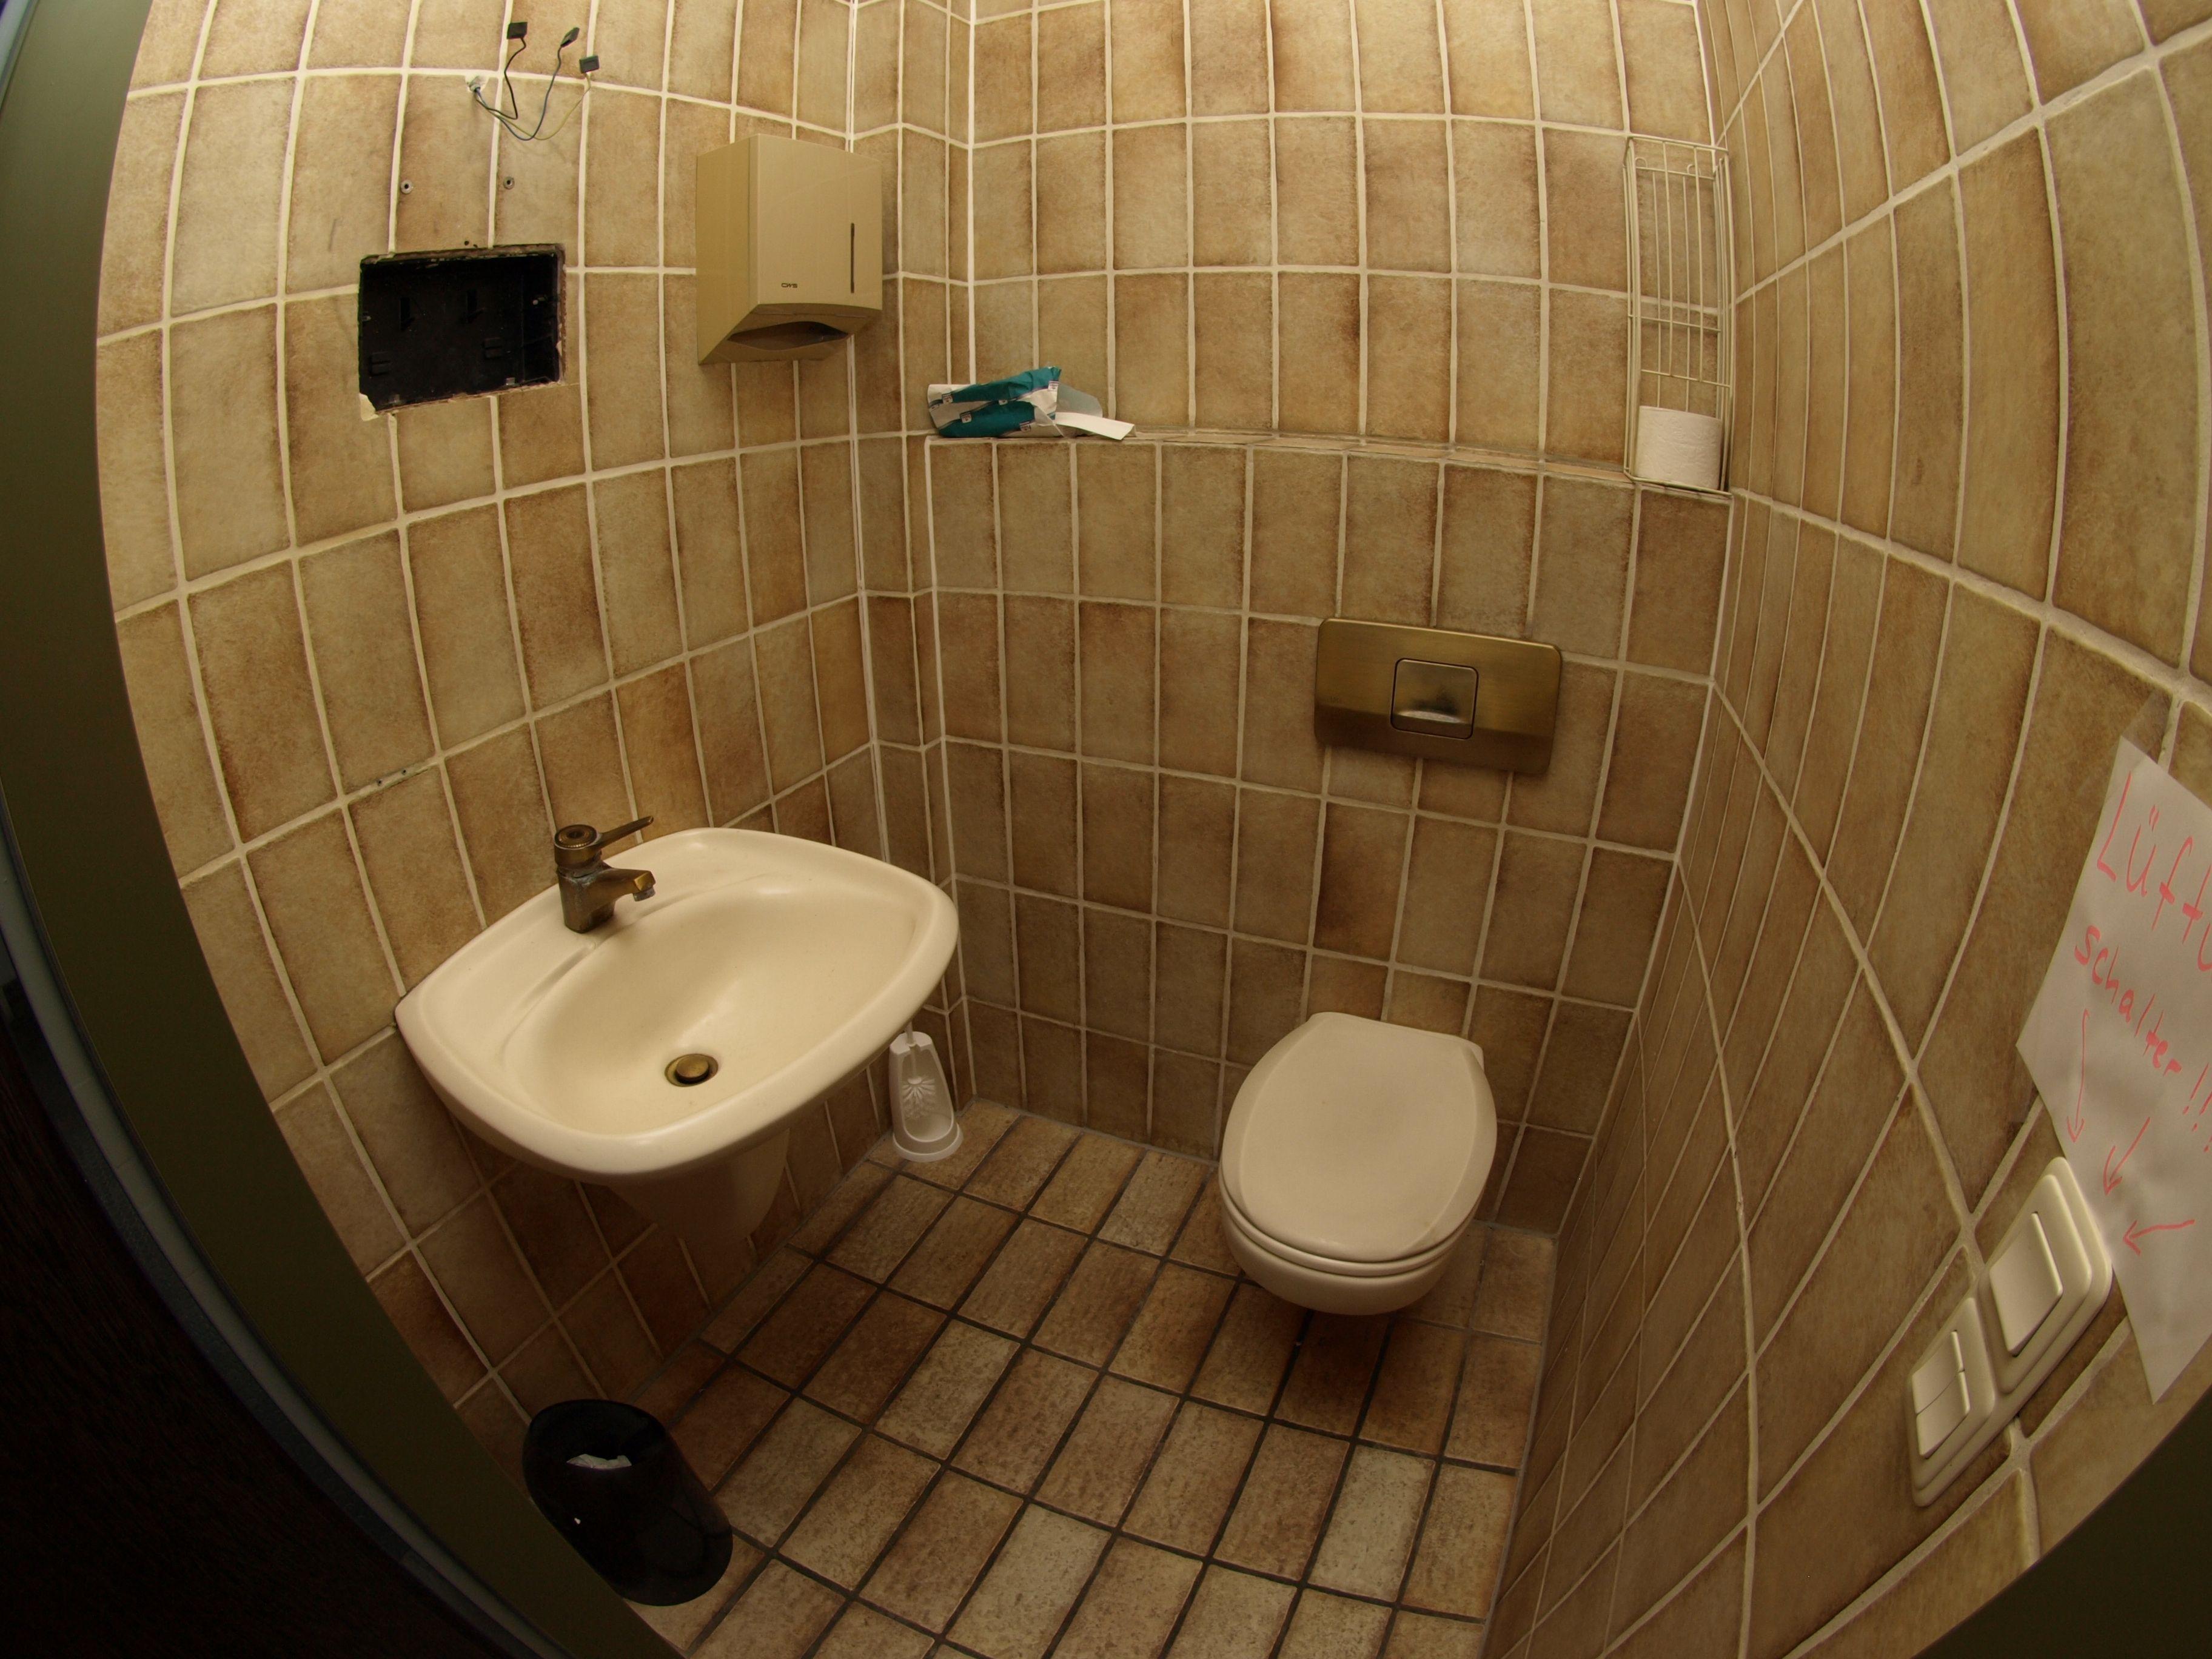 badsanierung altbausanierung und mehr sanit r spanner gmbh m nchen. Black Bedroom Furniture Sets. Home Design Ideas